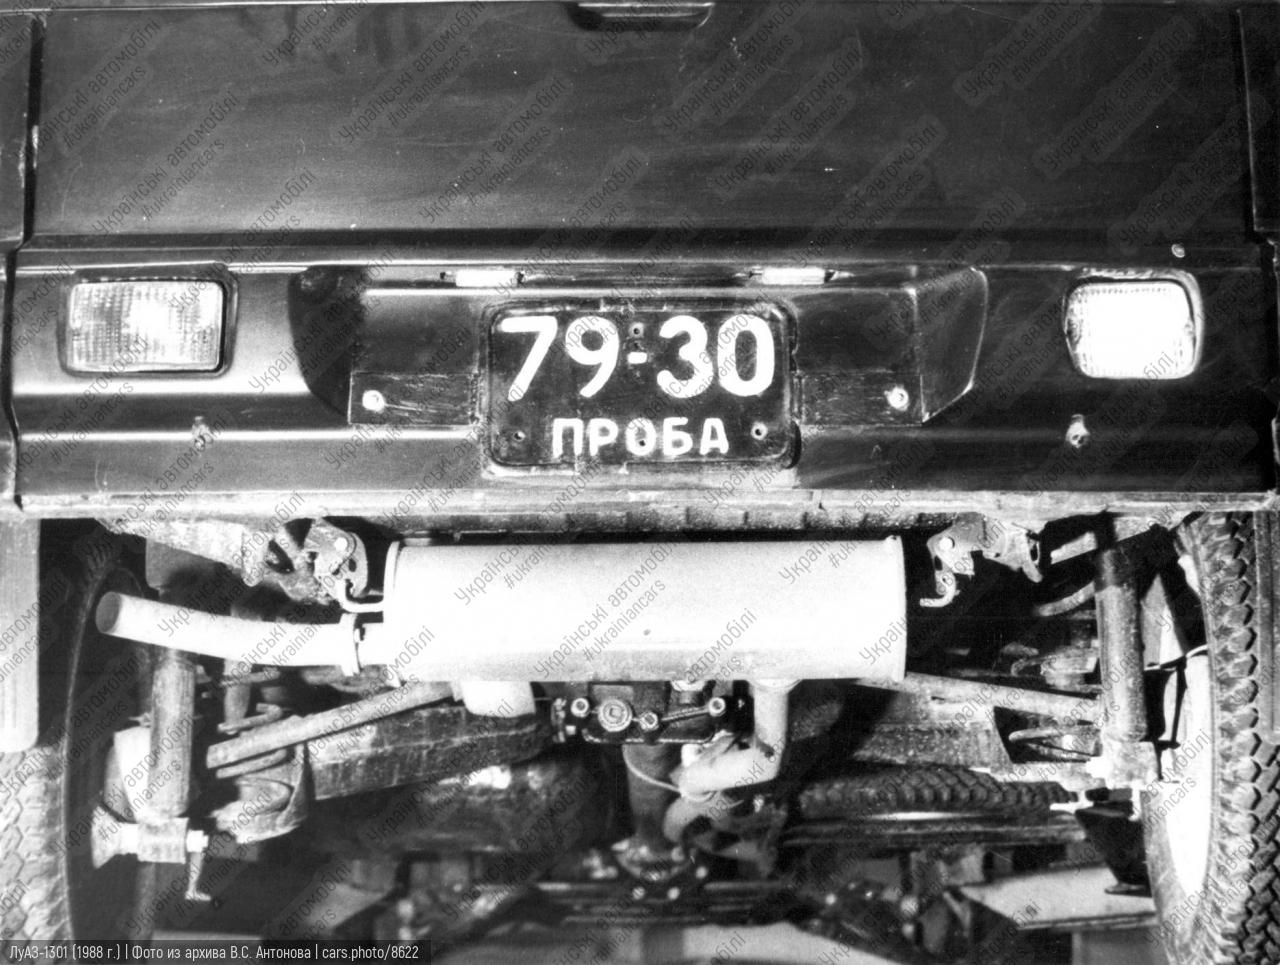 ЛуАЗ-1301 (1988 г.)